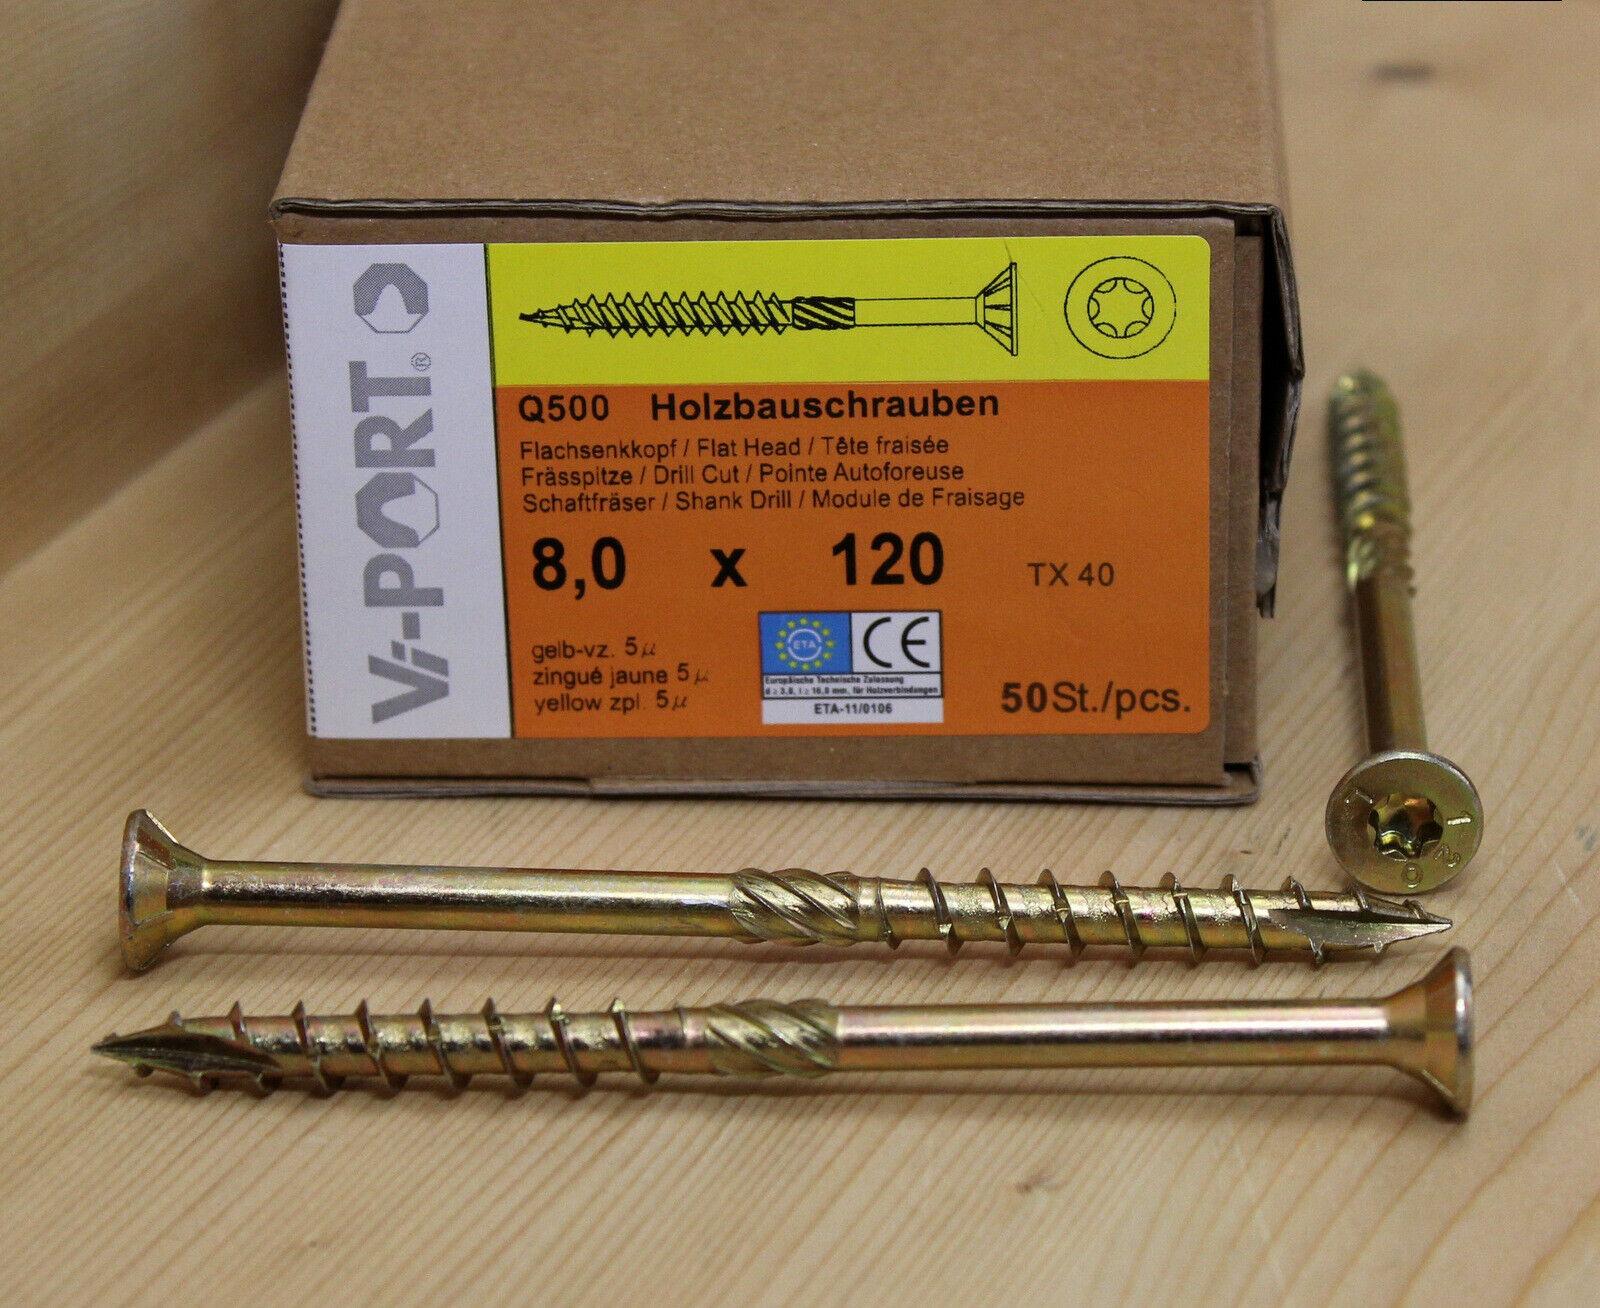 8,0 mm Vi-PORT® Senkkopf Holzbauschrauben mit EU-Zulassung Torx TX 40 gelb vz.